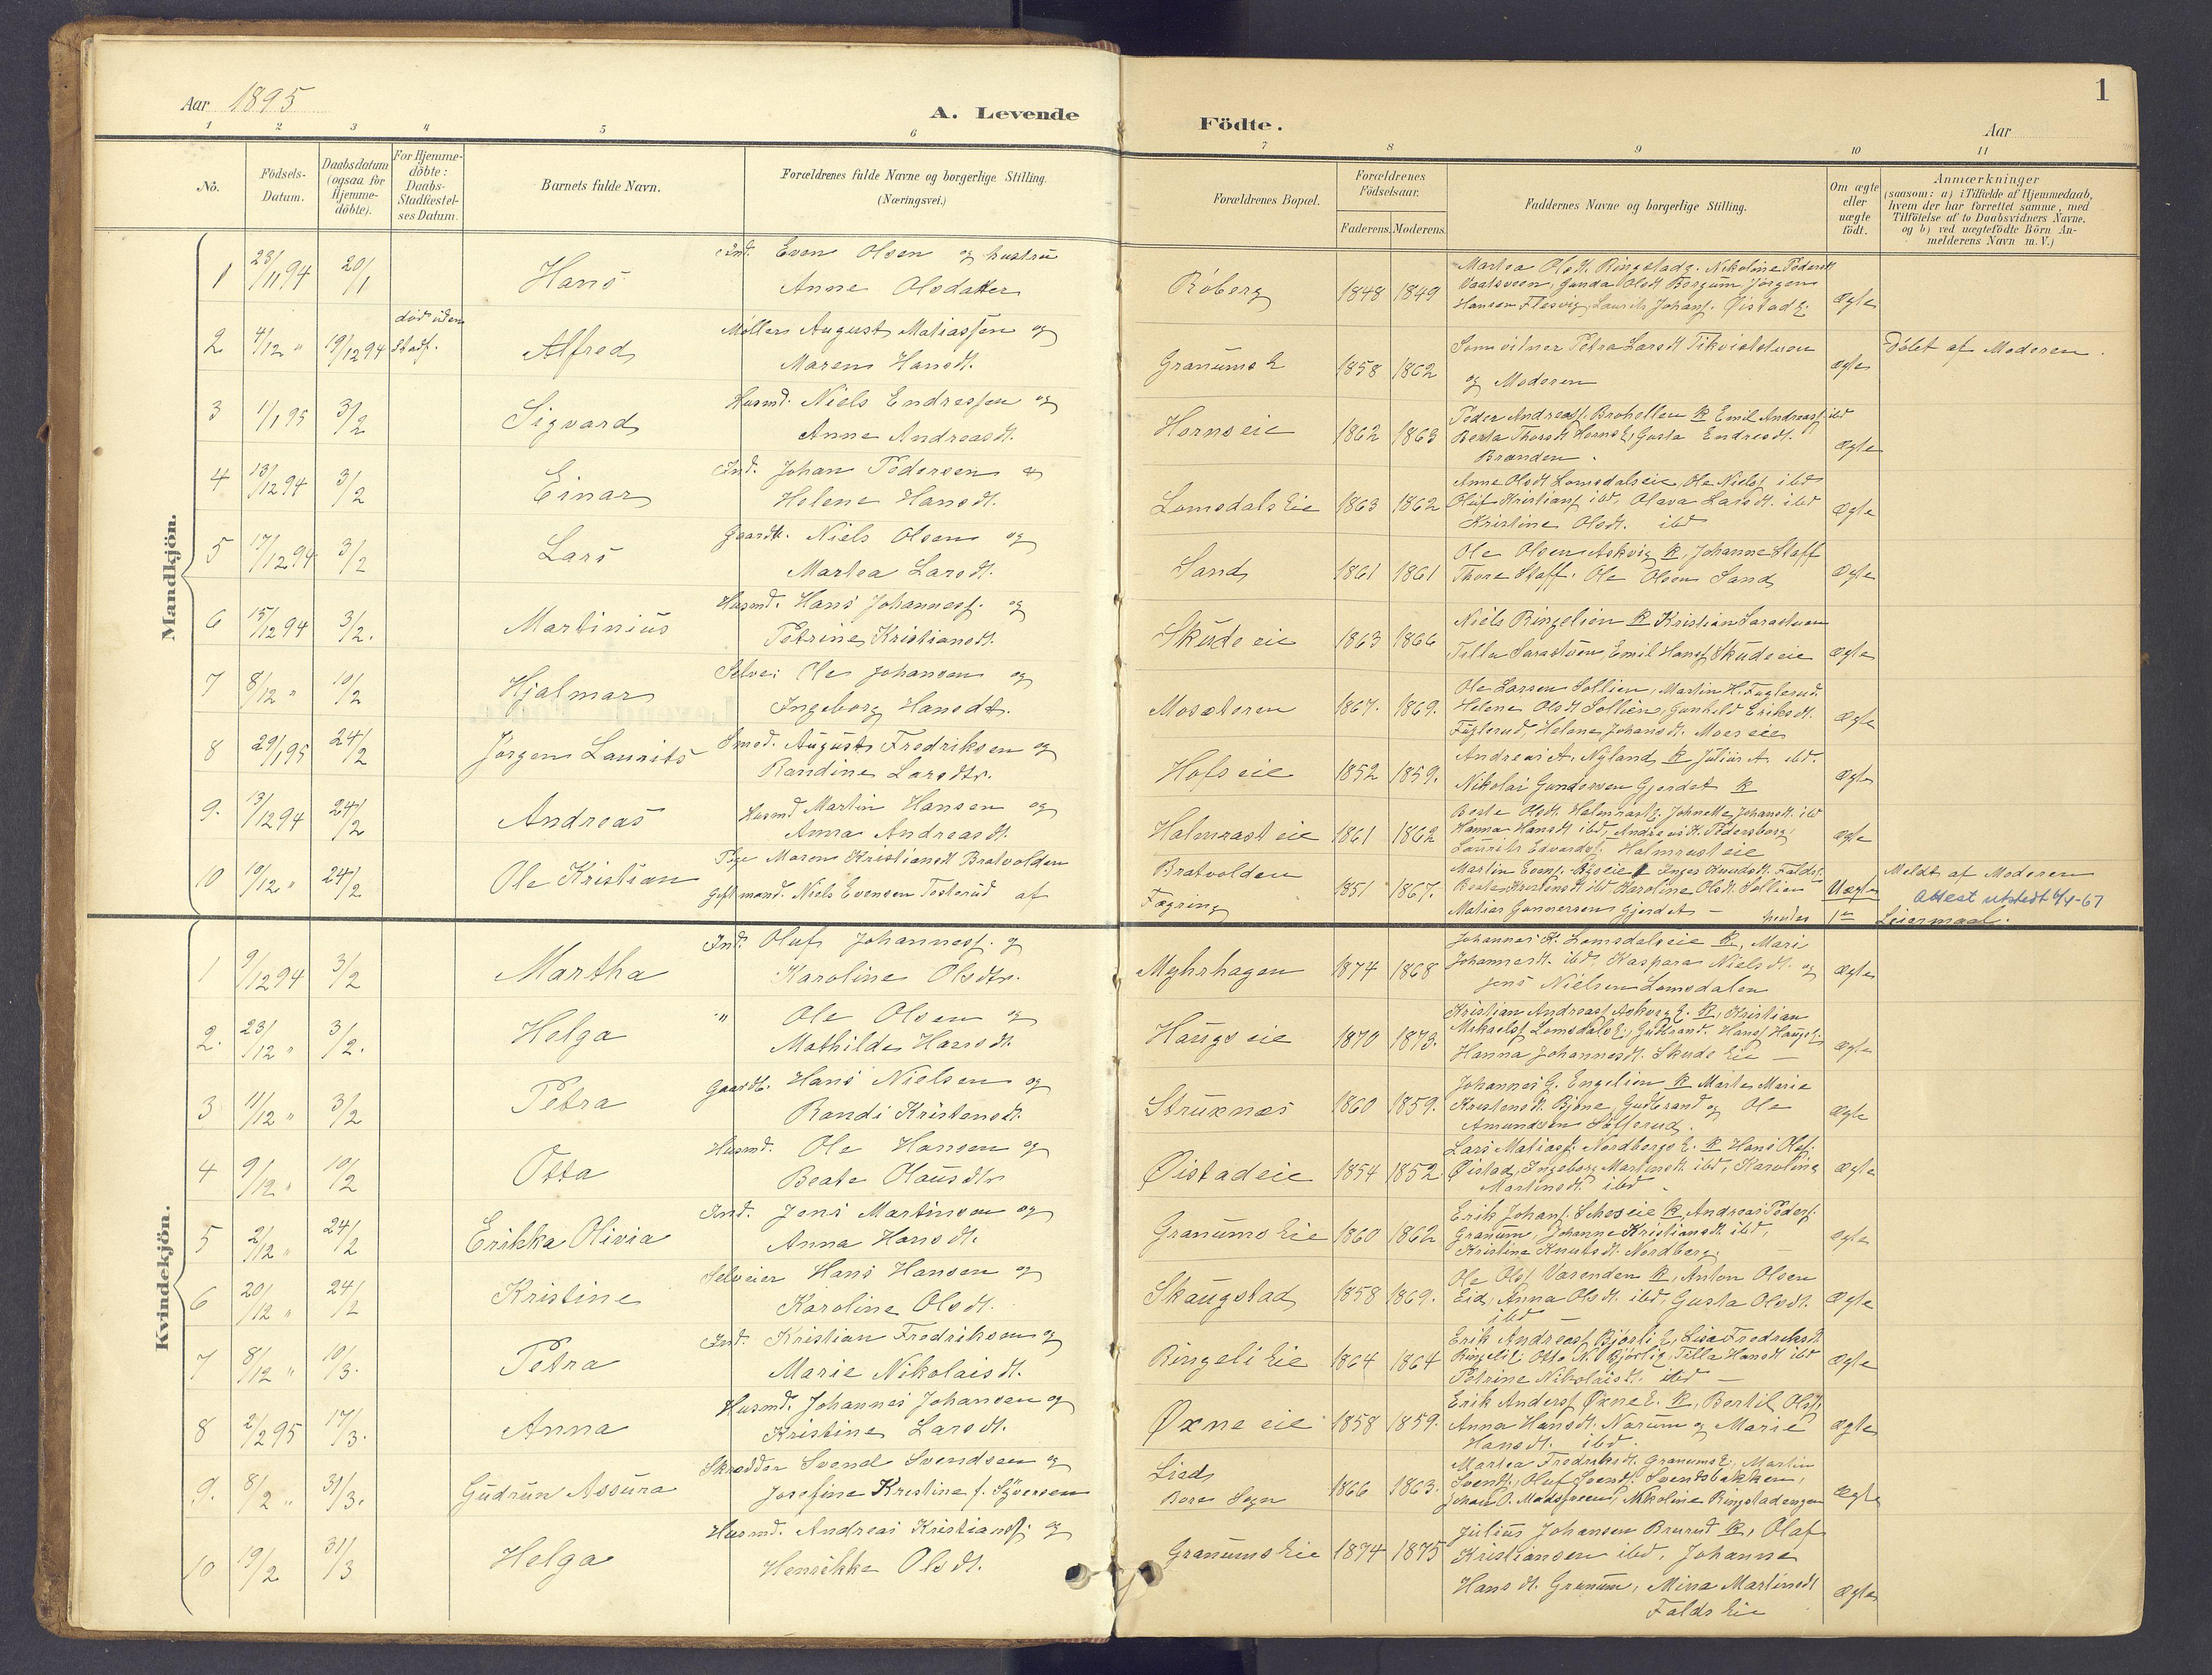 SAH, Søndre Land prestekontor, K/L0006: Ministerialbok nr. 6, 1895-1904, s. 1